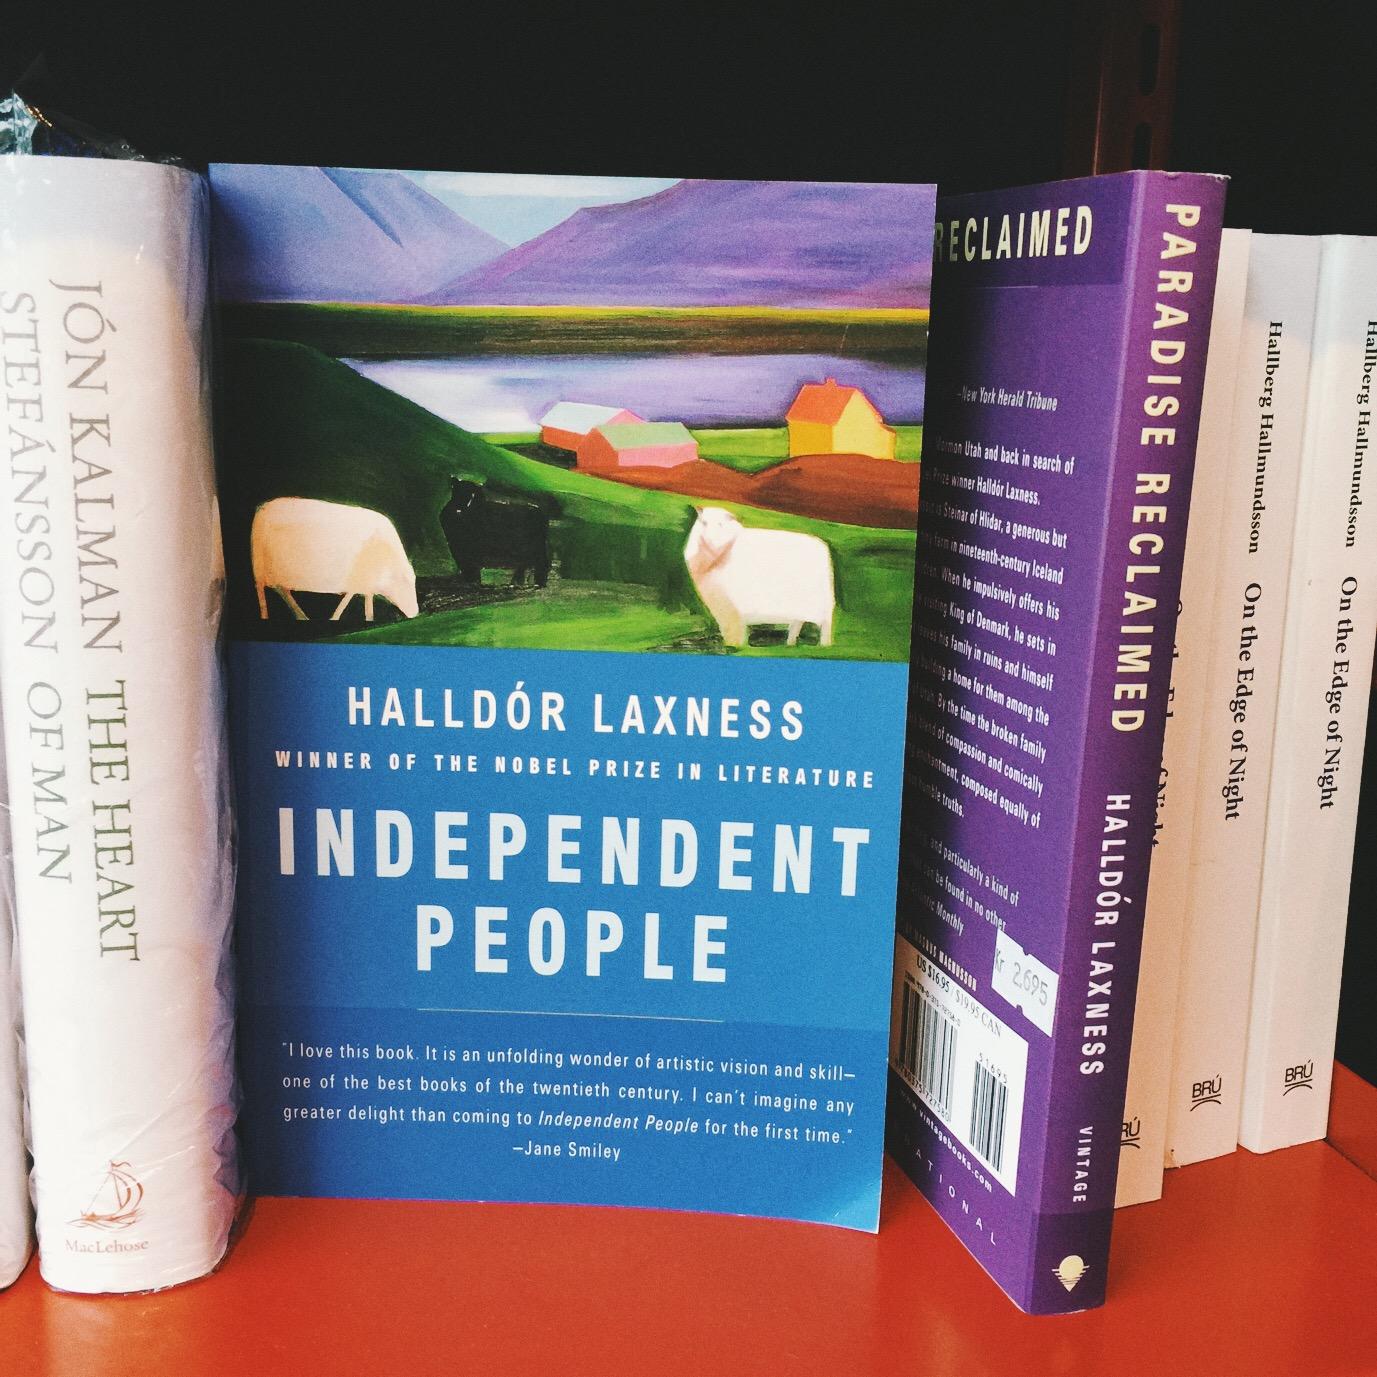 Libros para un viaje a Islandia